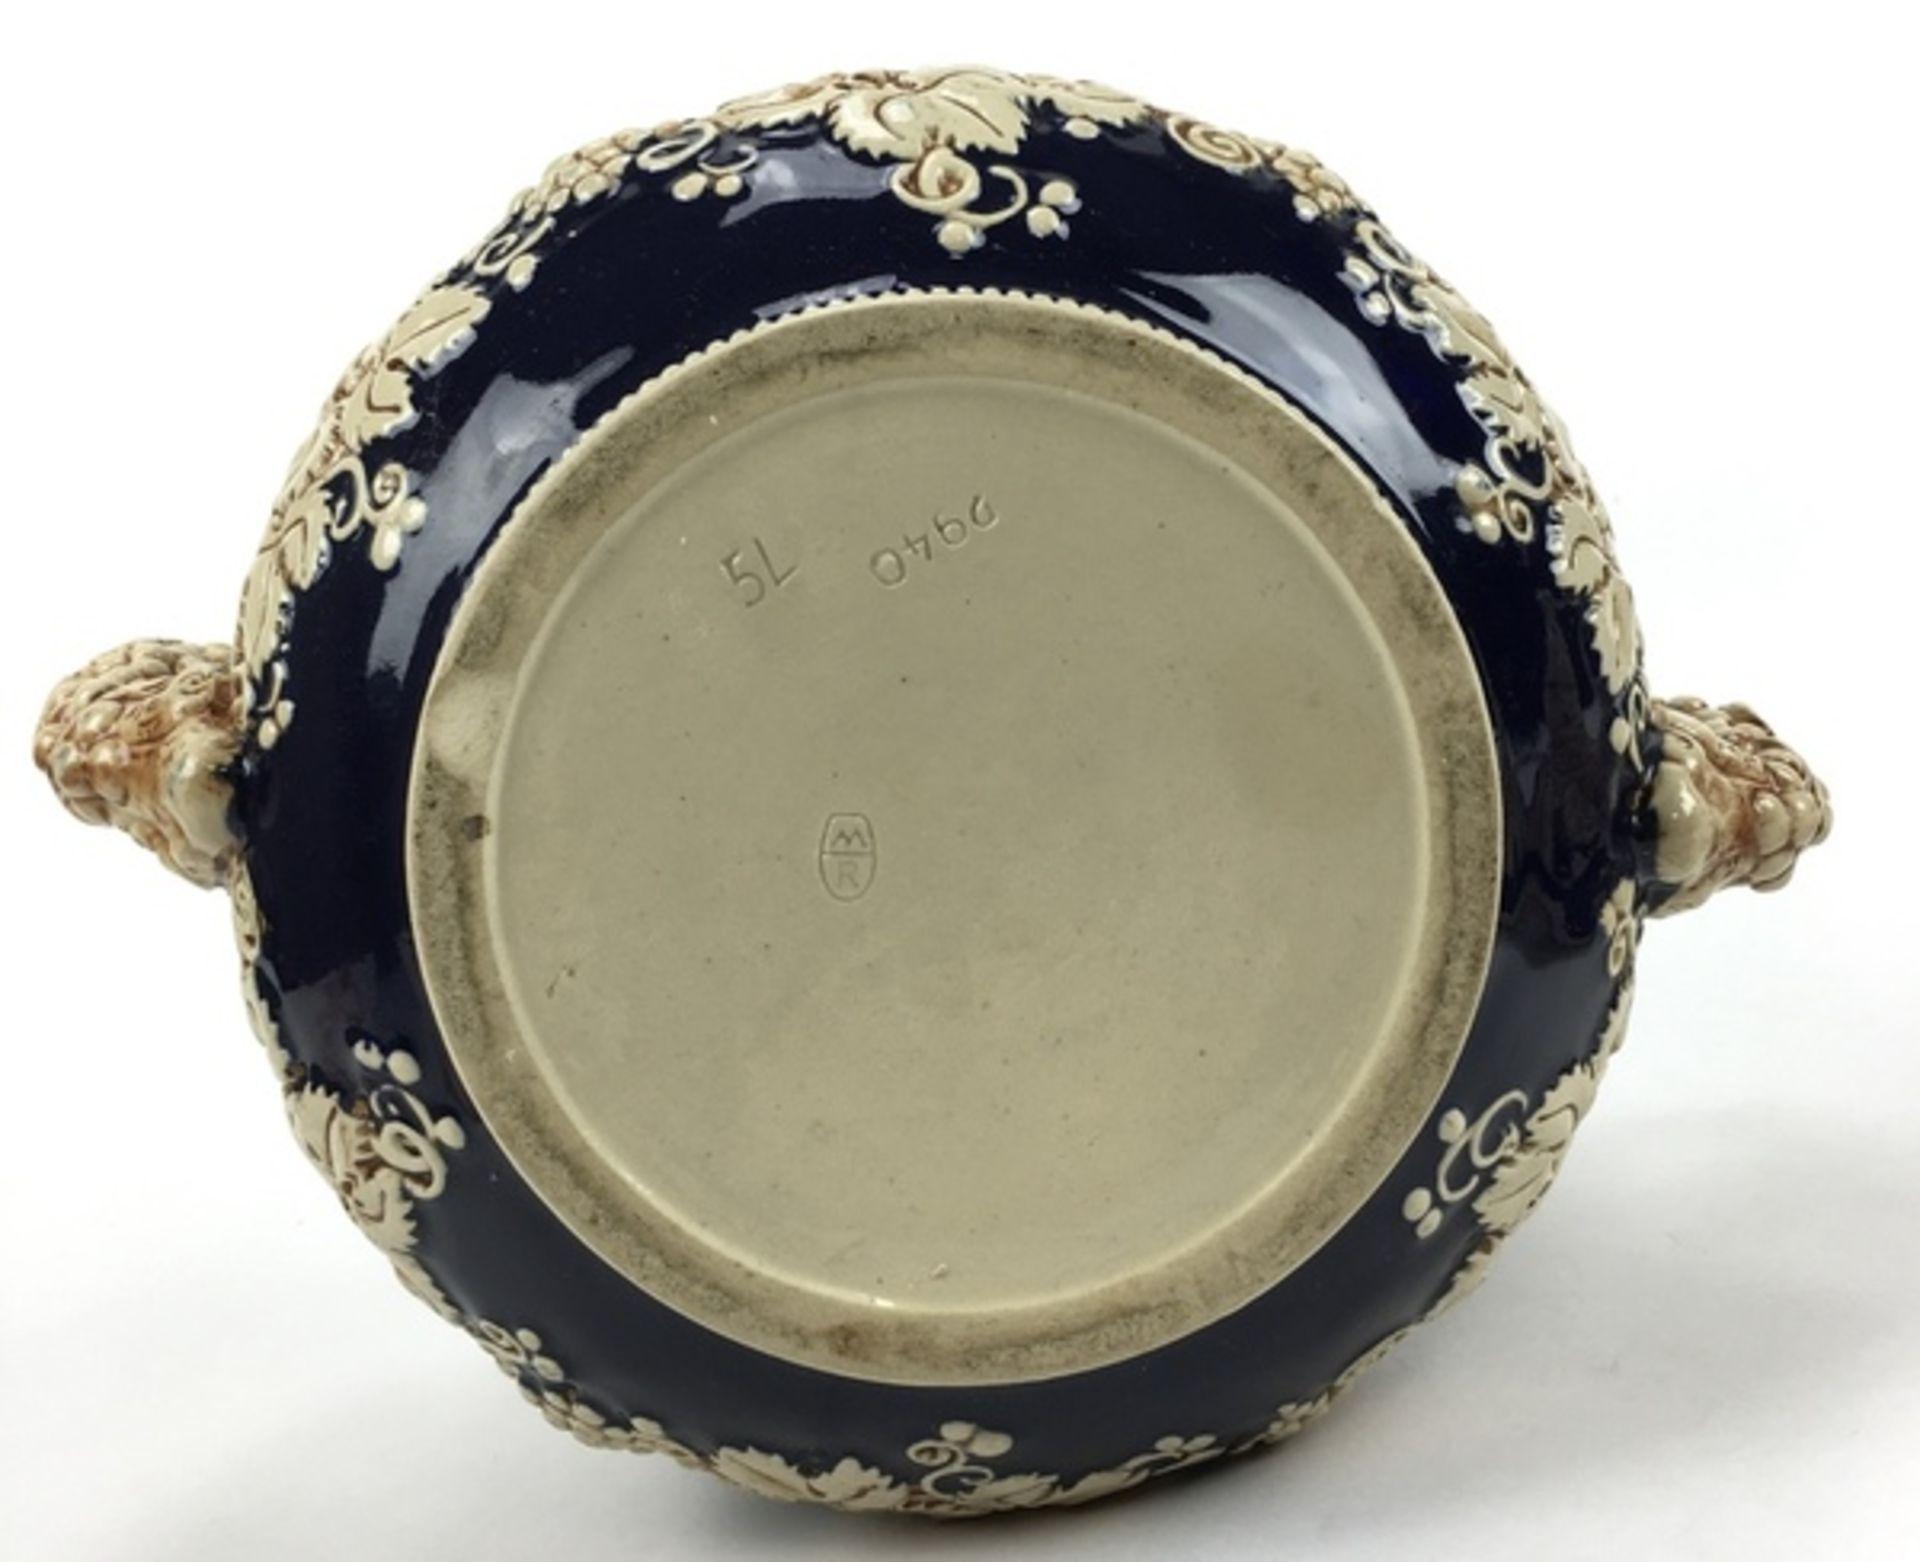 (Curiosa) Aardewerk bowl pot, DuitslandAardewerk bowl pot met druiventrossen decoratie. Duitsla - Bild 8 aus 8